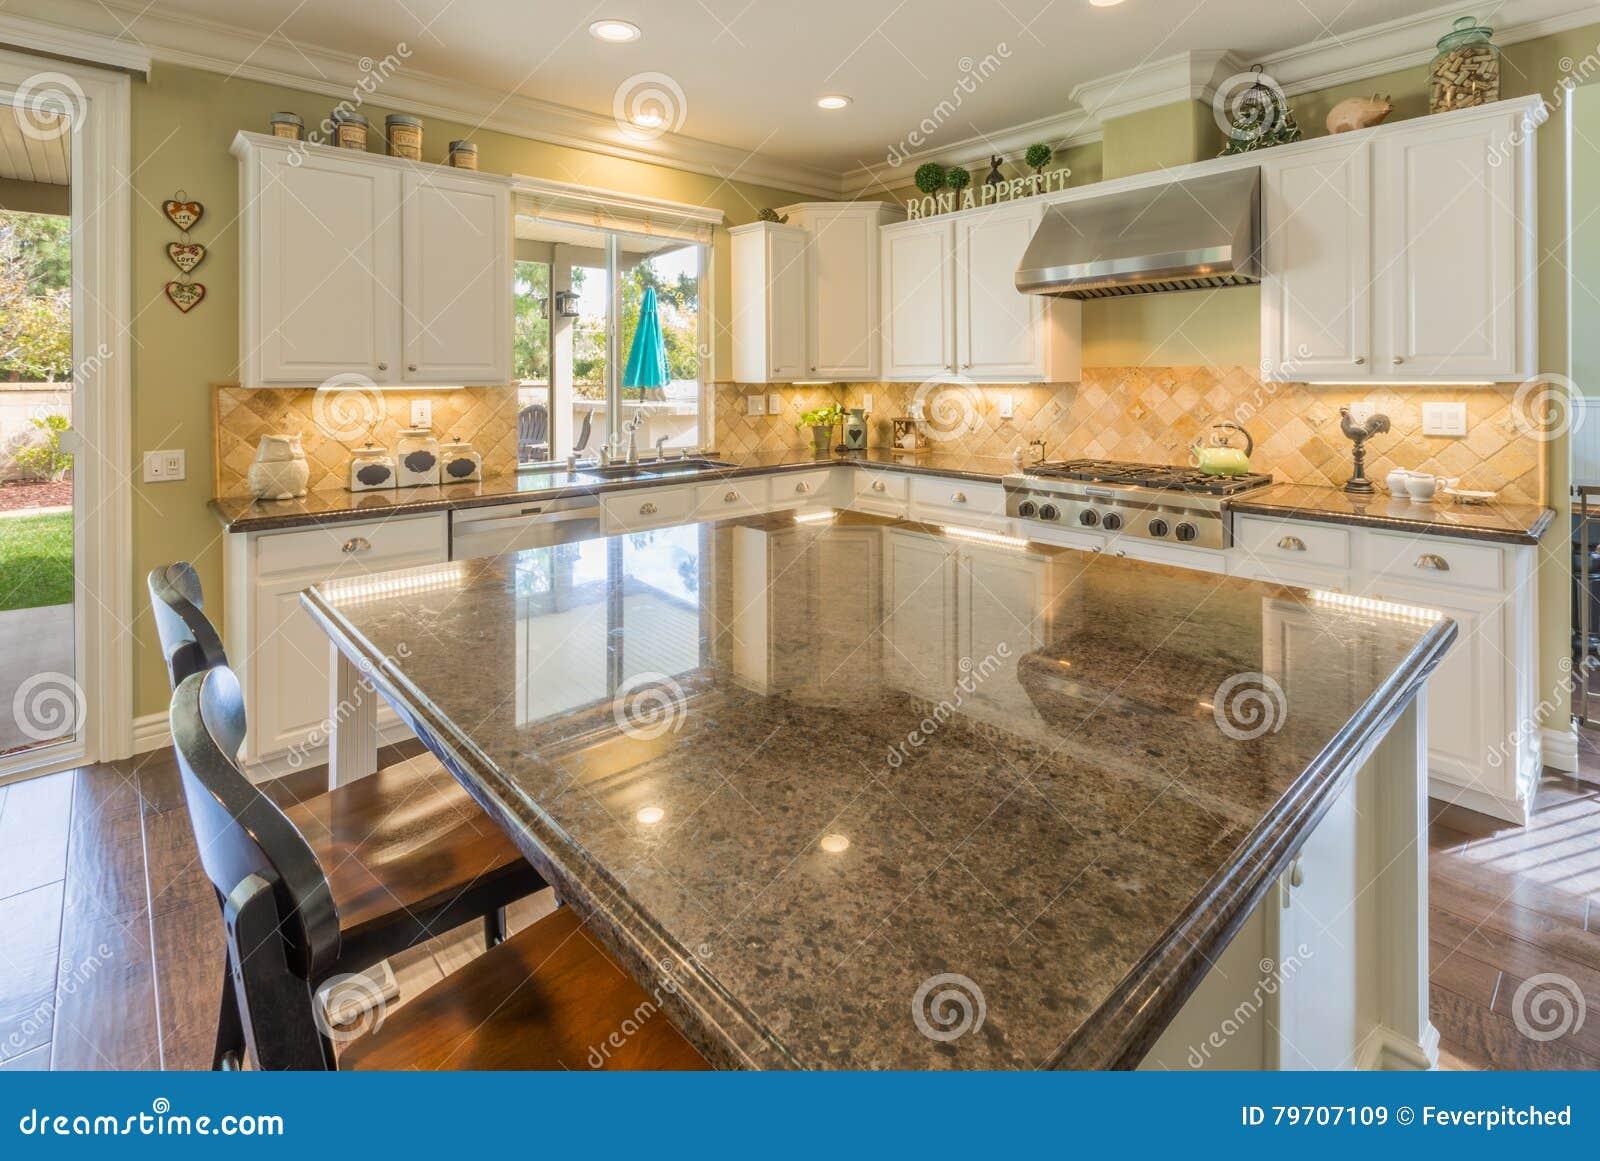 Neuer Moderner Schöner Kundenspezifischer Küchen-Innenraum Stockbild ...